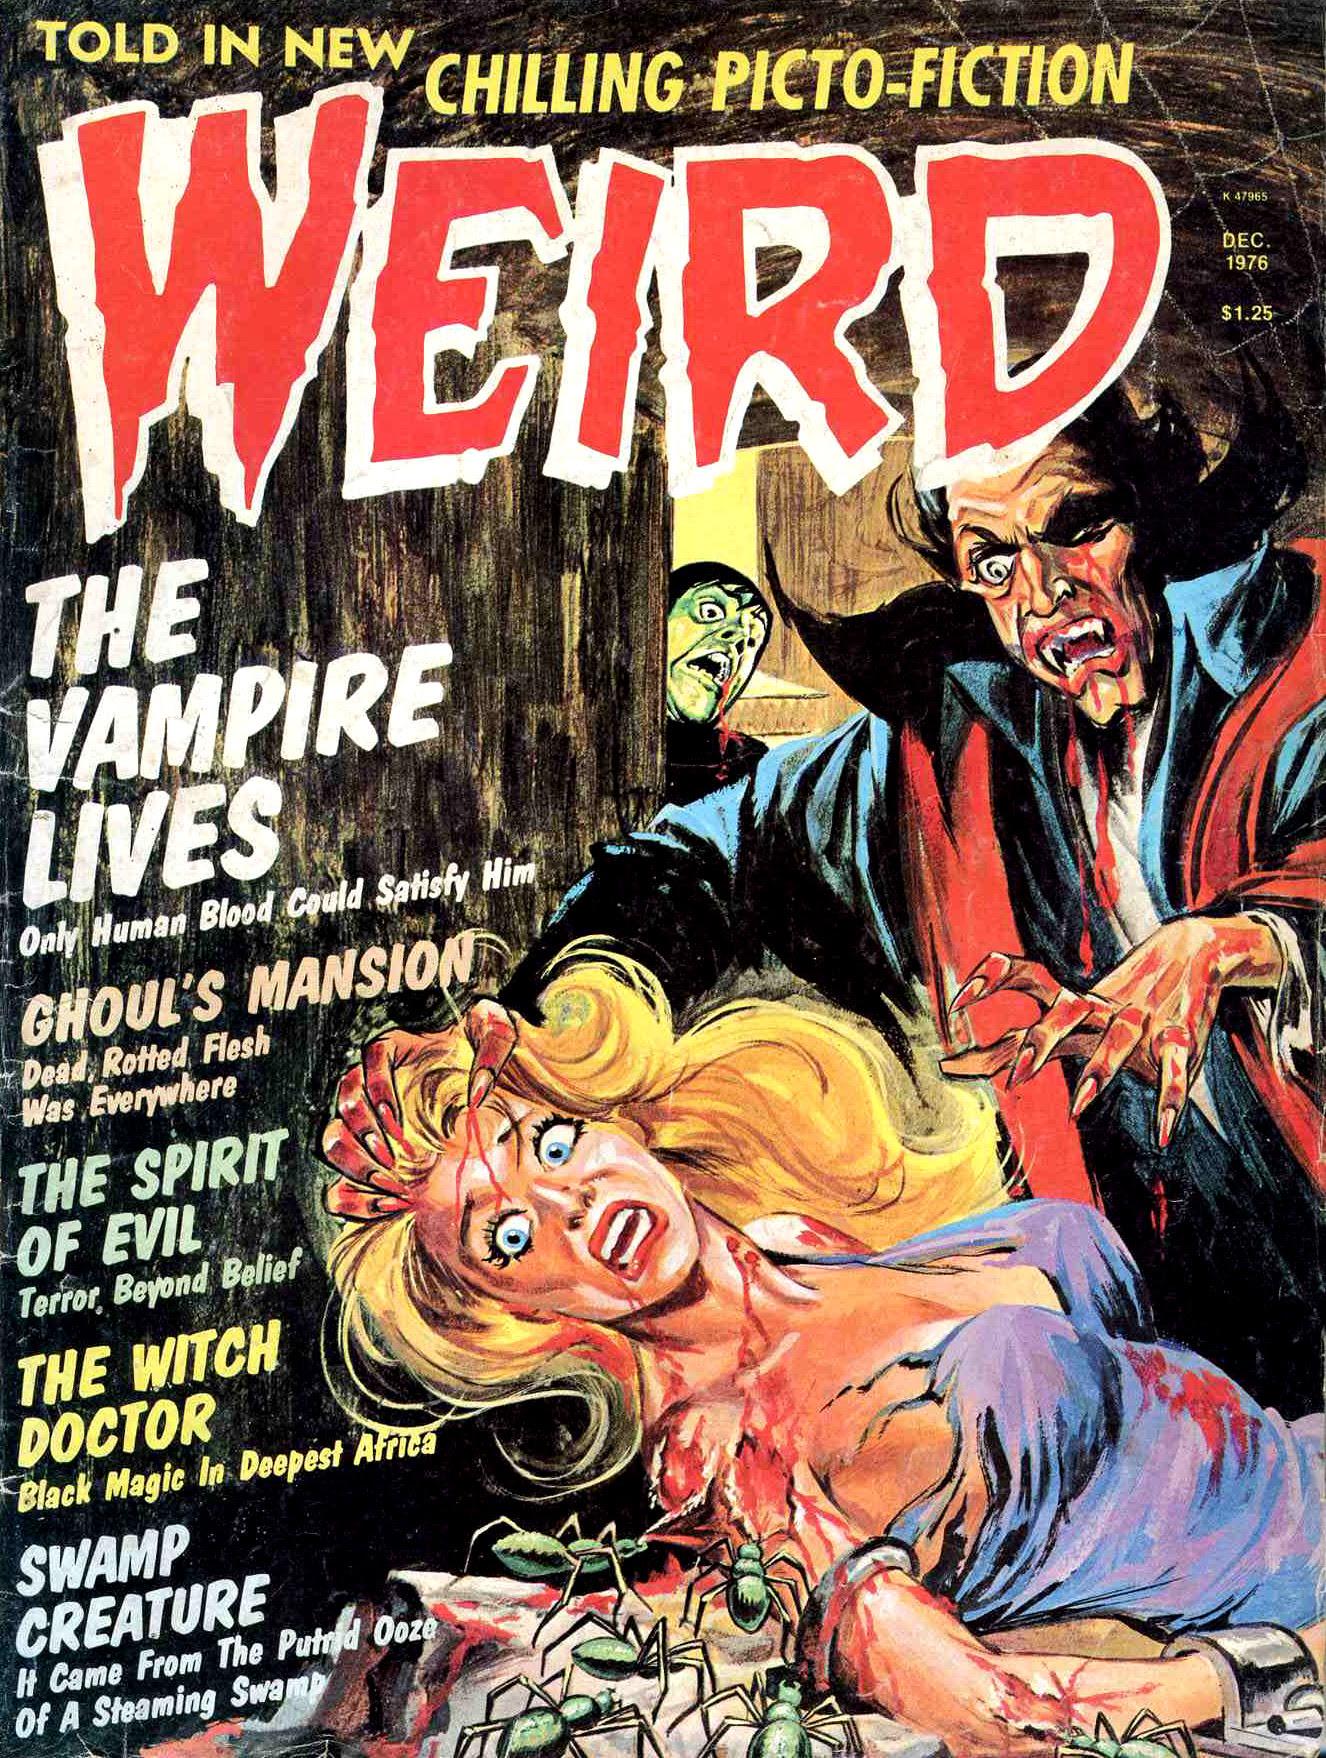 Weird Vol. 09 #4 (Eerie Publications, 1974)